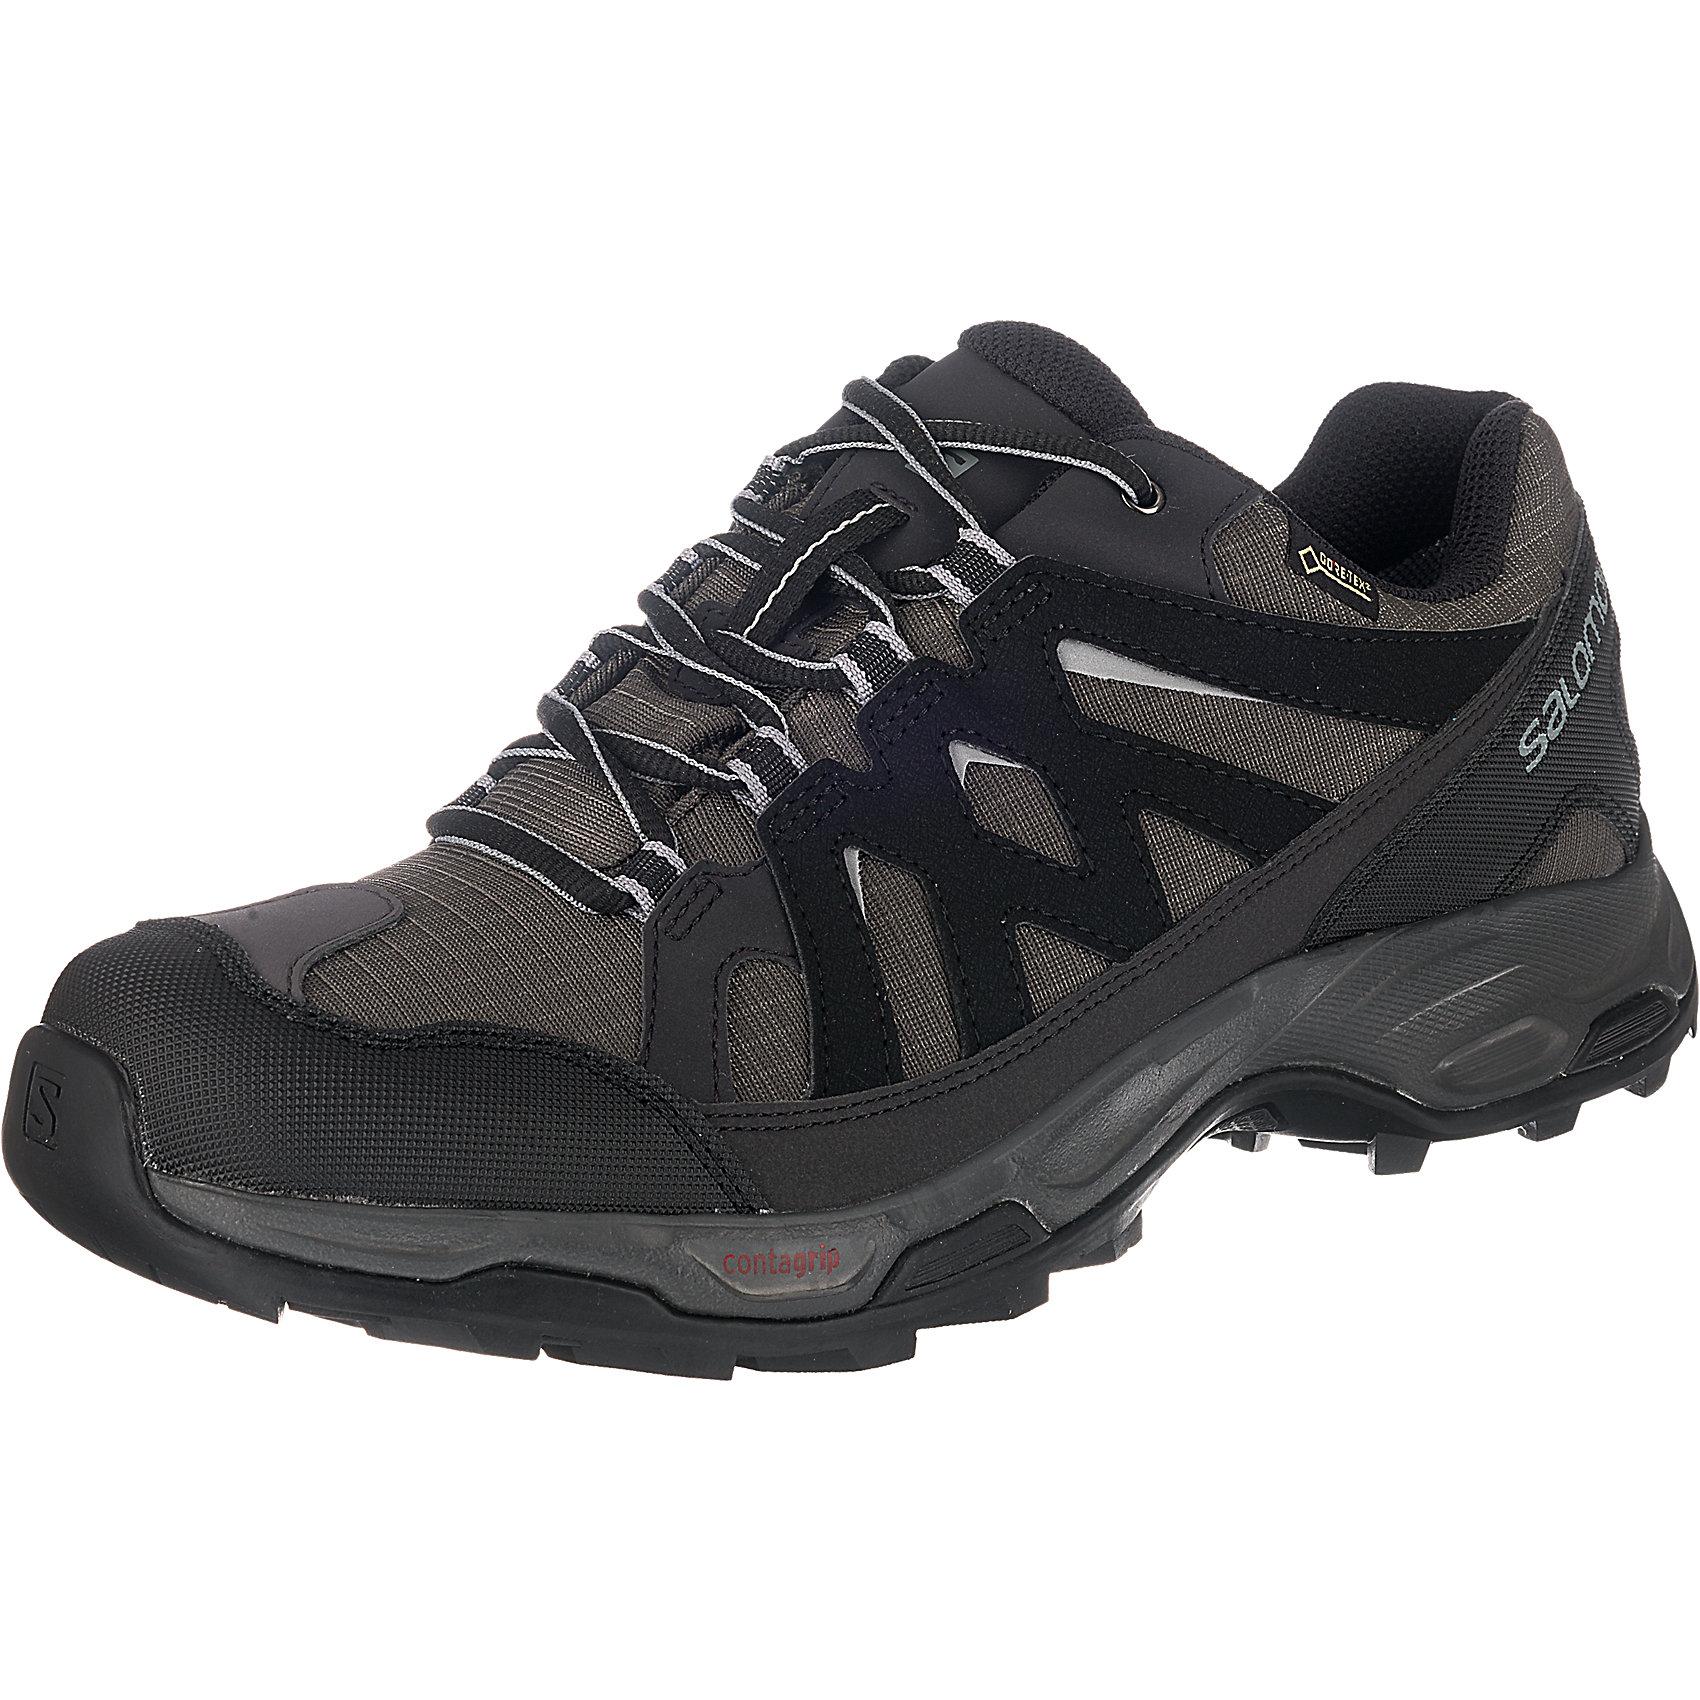 brand new 18505 b5b91 Details zu Neu Salomon Schuhe EFFECT GTX® Magnet/Black/Monument  Trekkingschuhe 6919118